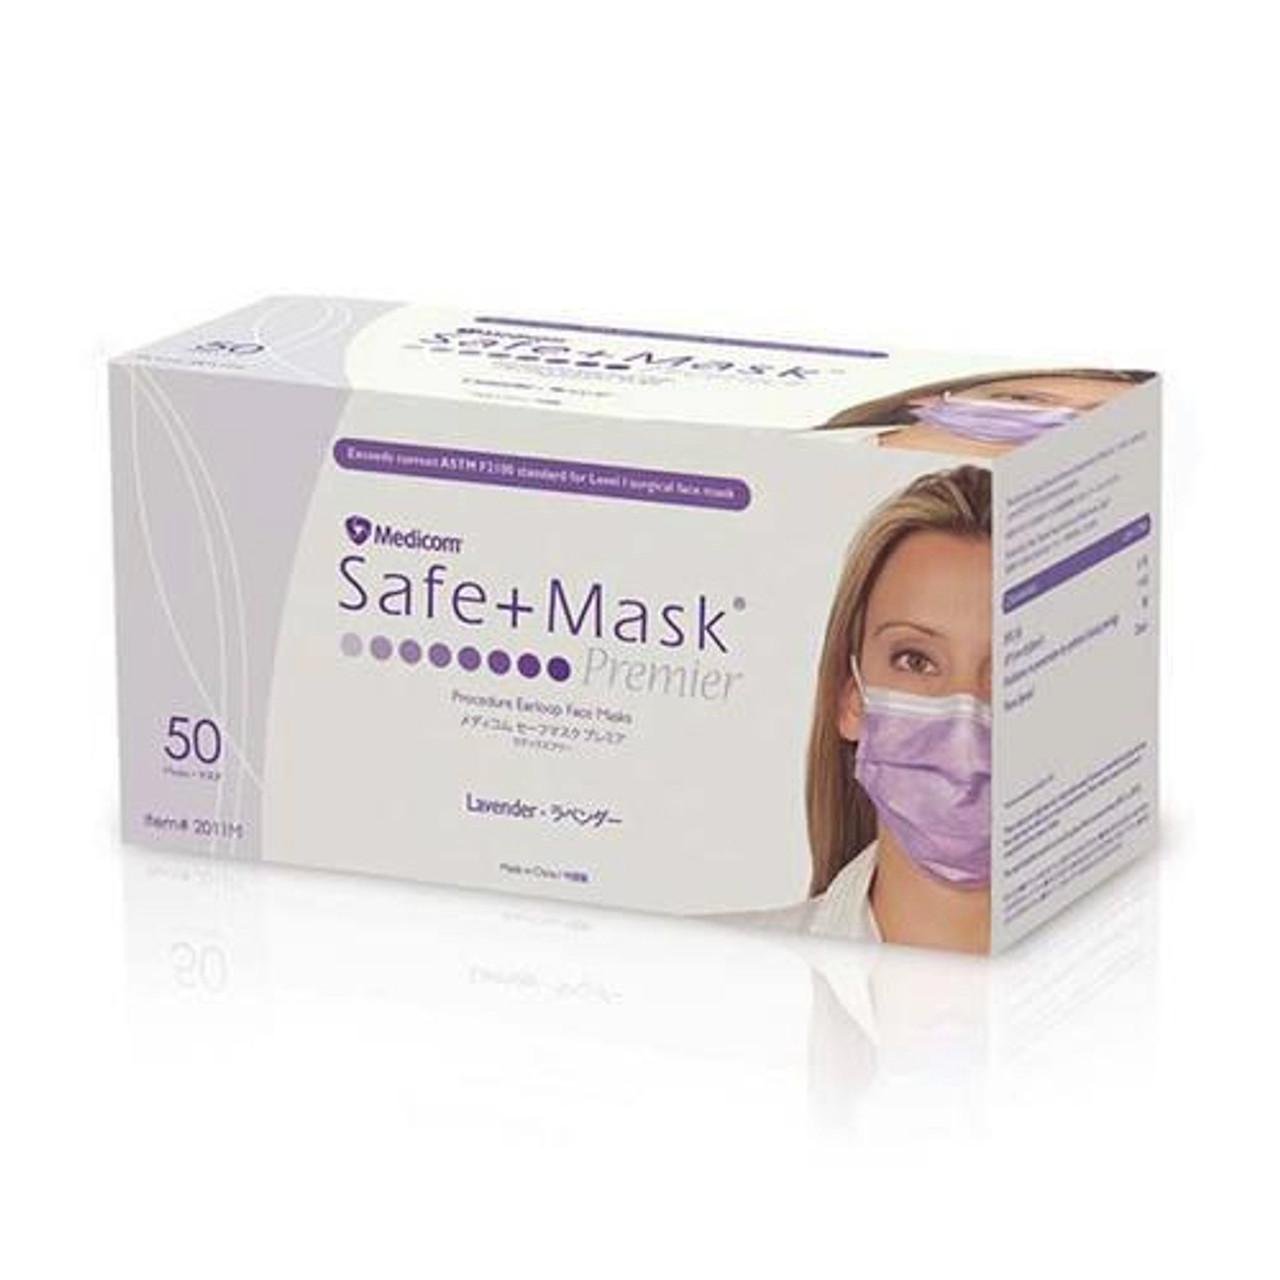 Medicom SafeMask Premier Earloops Lavender Procedure Masks 50/box (2011M)